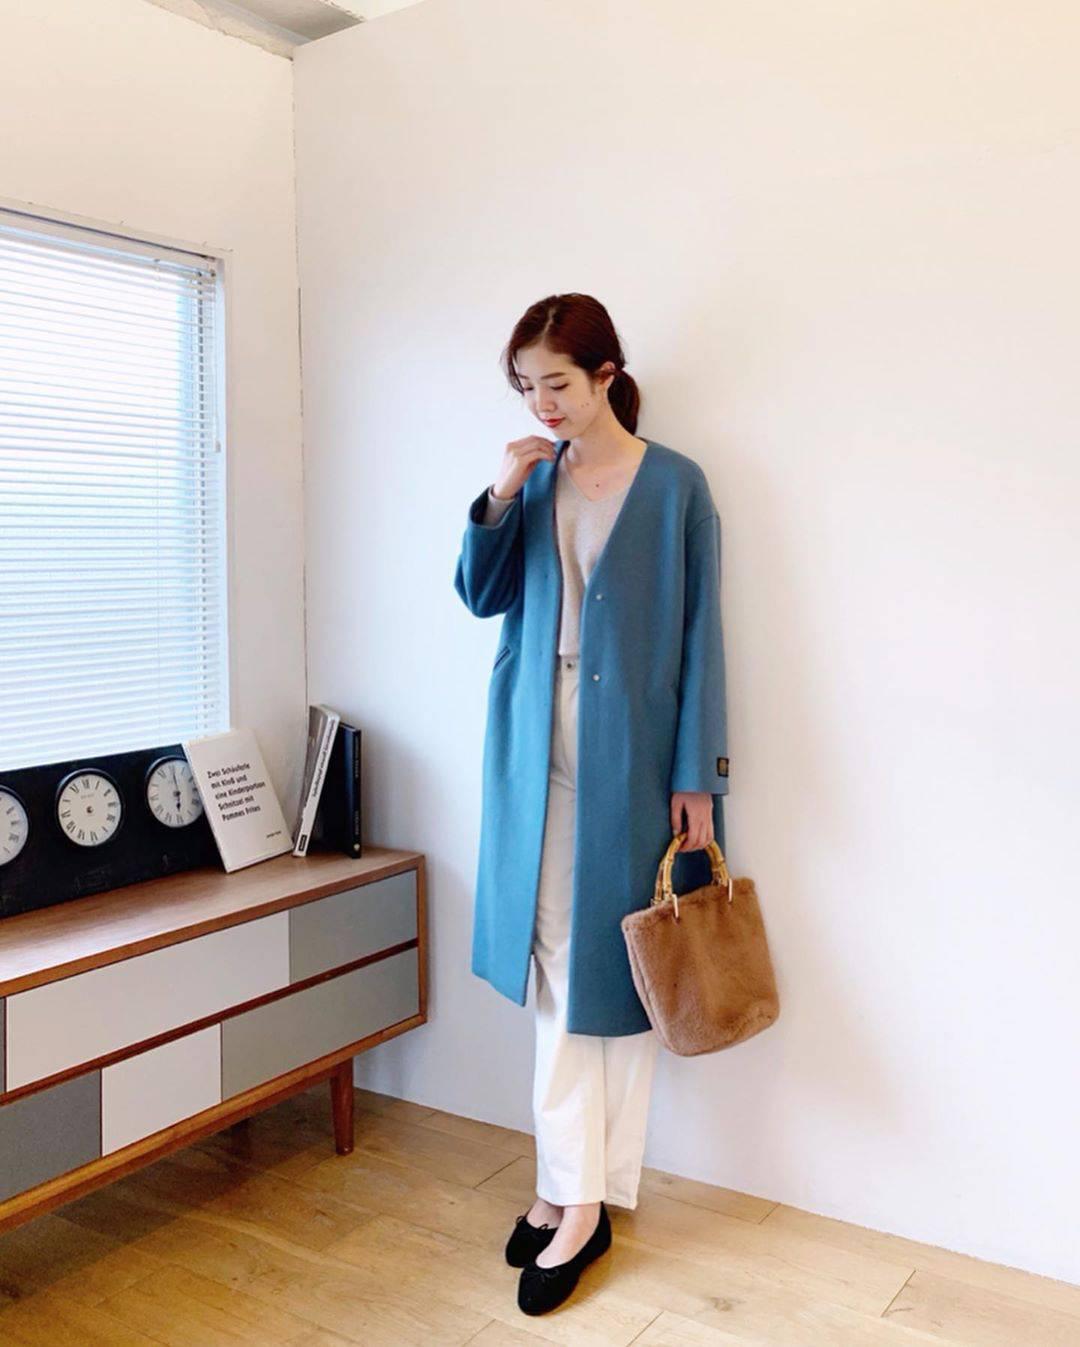 最高気温19度・最低気温14度 hikari_k0122の服装